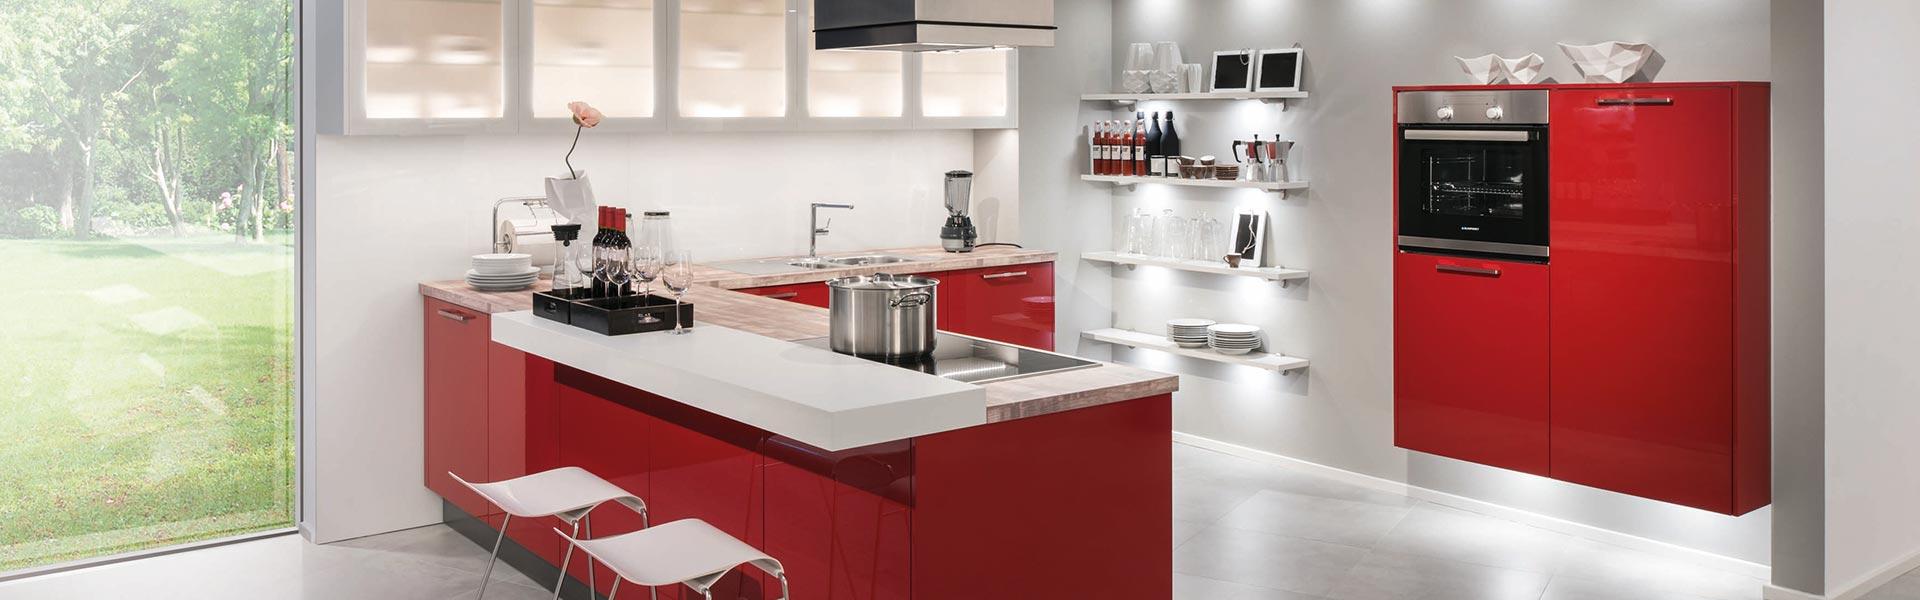 Schumacher Küchenstudio in Pocking